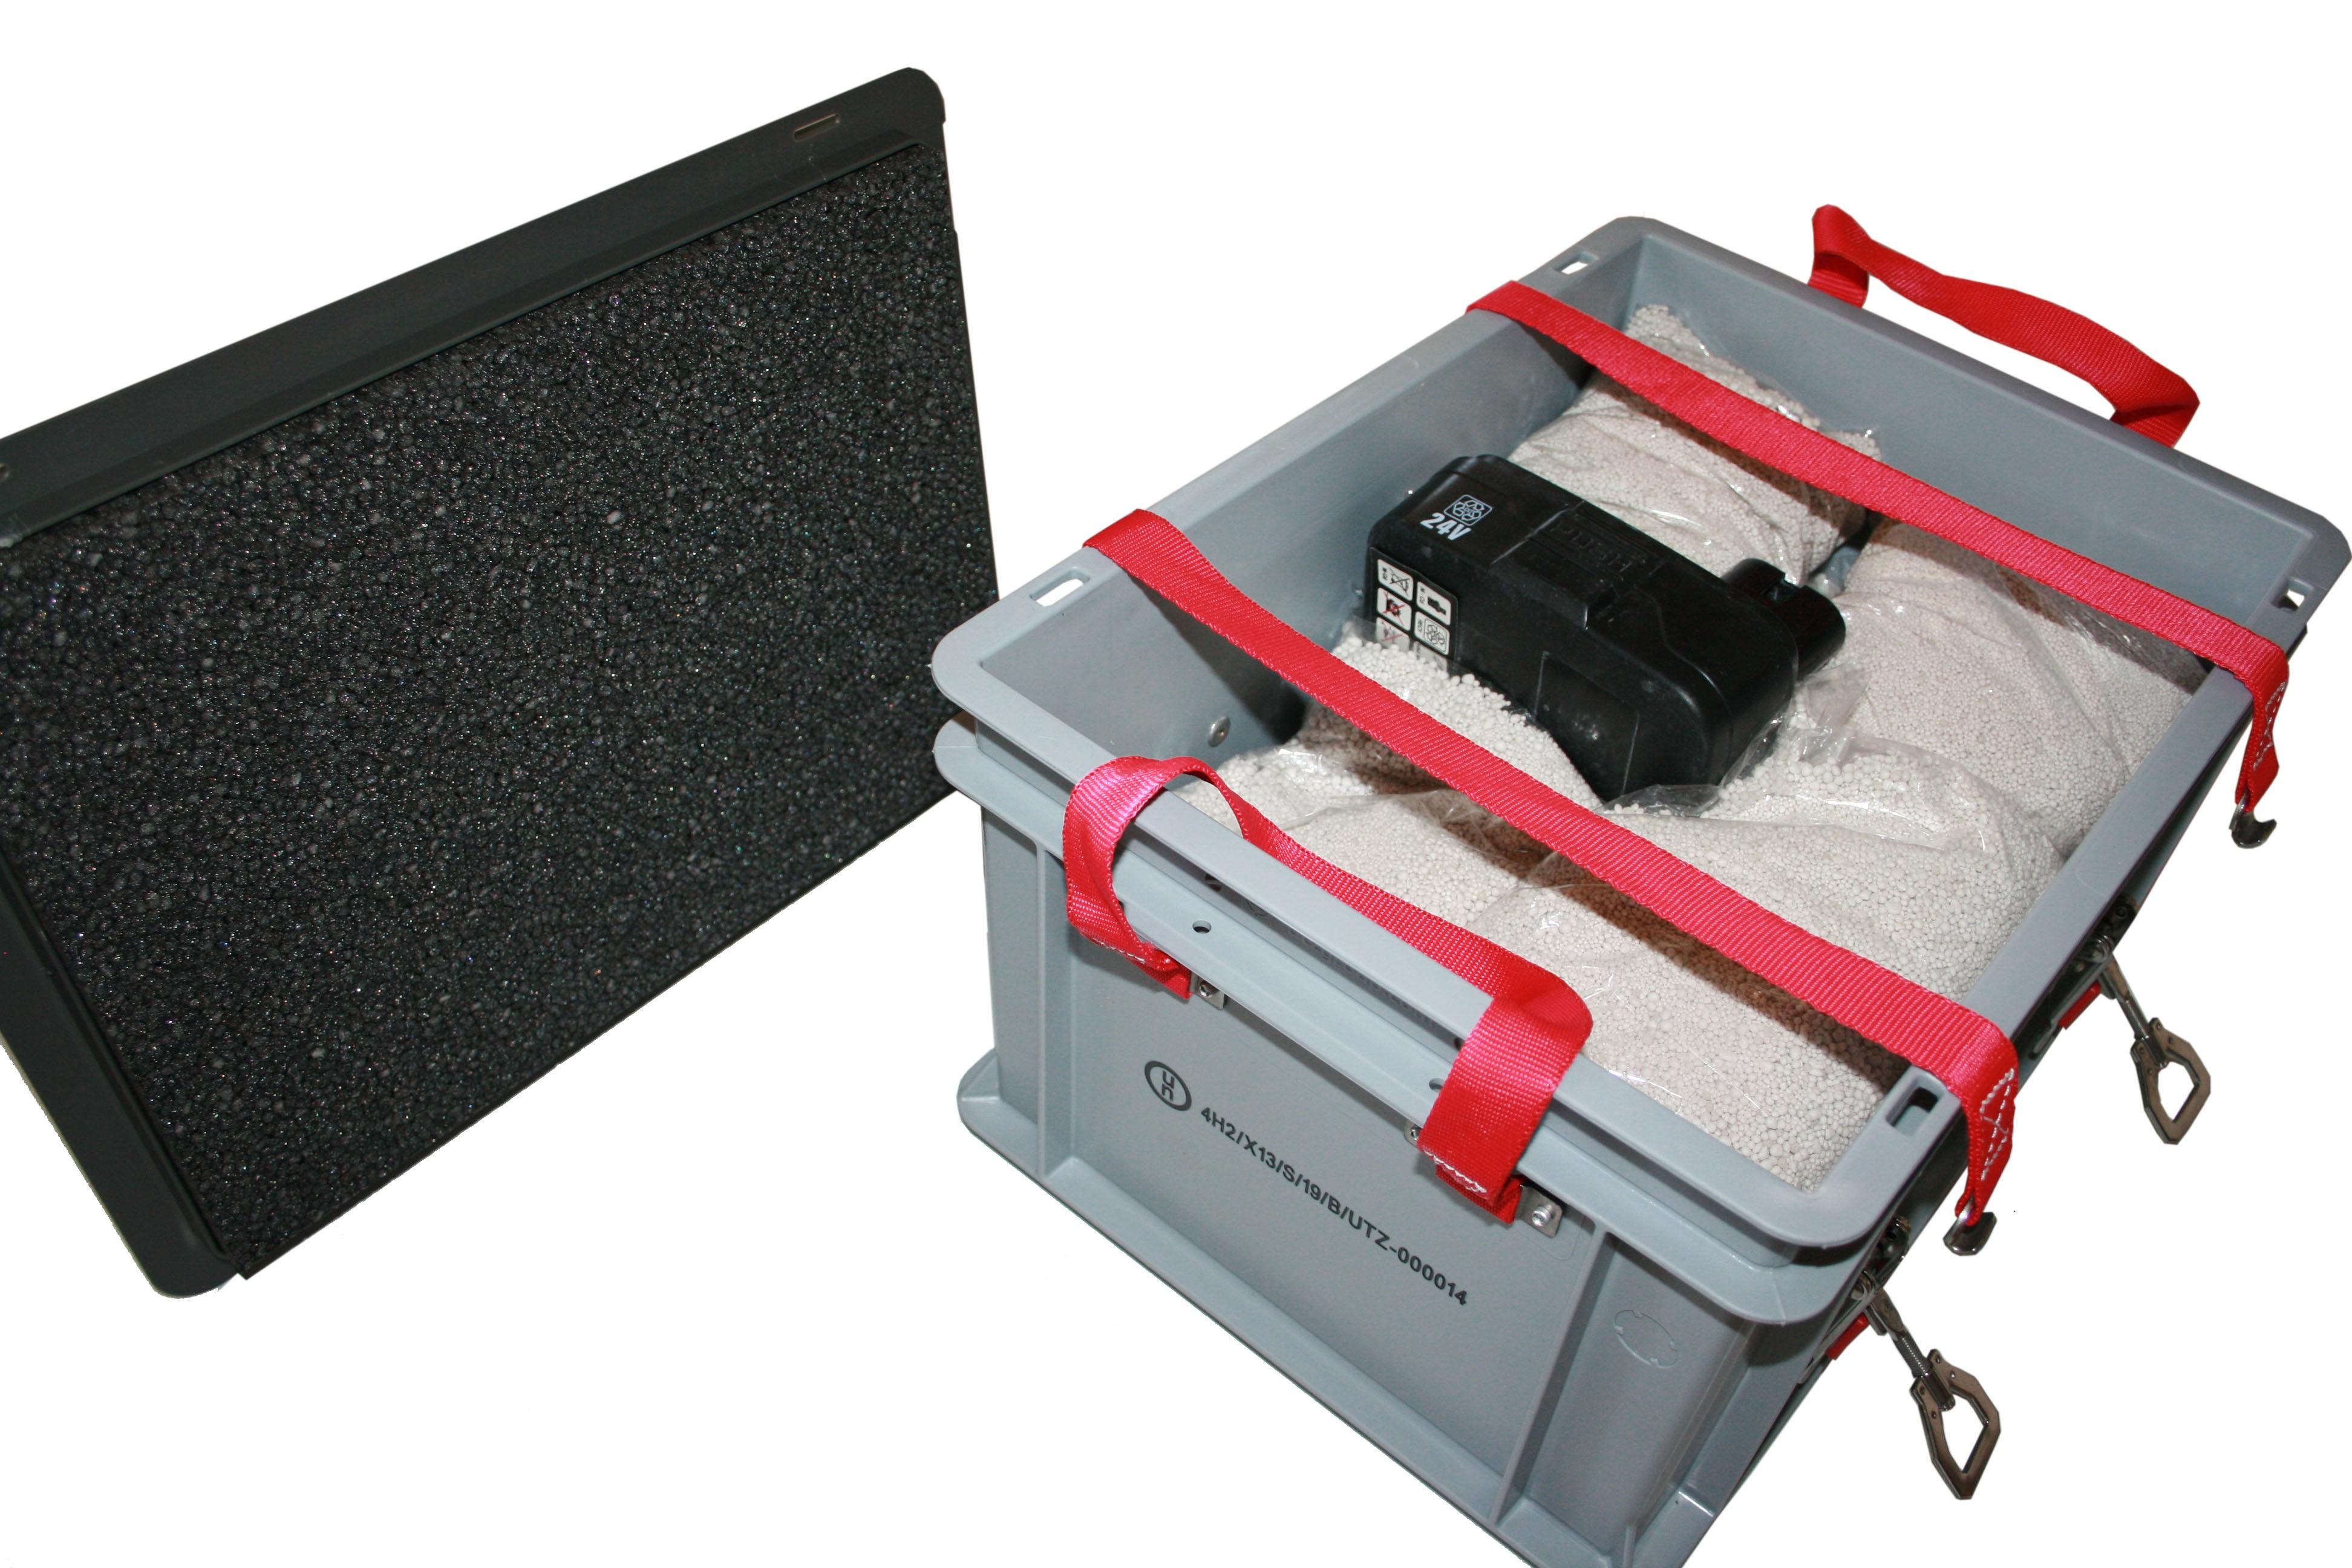 Akku Ladebox mit Löschgranulat Extover in 20 x genadelte PE-Füllkissen. Inkl. Brandschutzmatte am Kabeldurchlass innen. Zum Laden von Akkus in der Box. Behältergröße Außen : 400 x 300 x 235 mm. Inkl. 2 x Kabeldurchführungen mit 8mm und 12mm Durchmesser. Durchführung auch mit Stecker möglich. Lagerbox für E-Bike Akkus